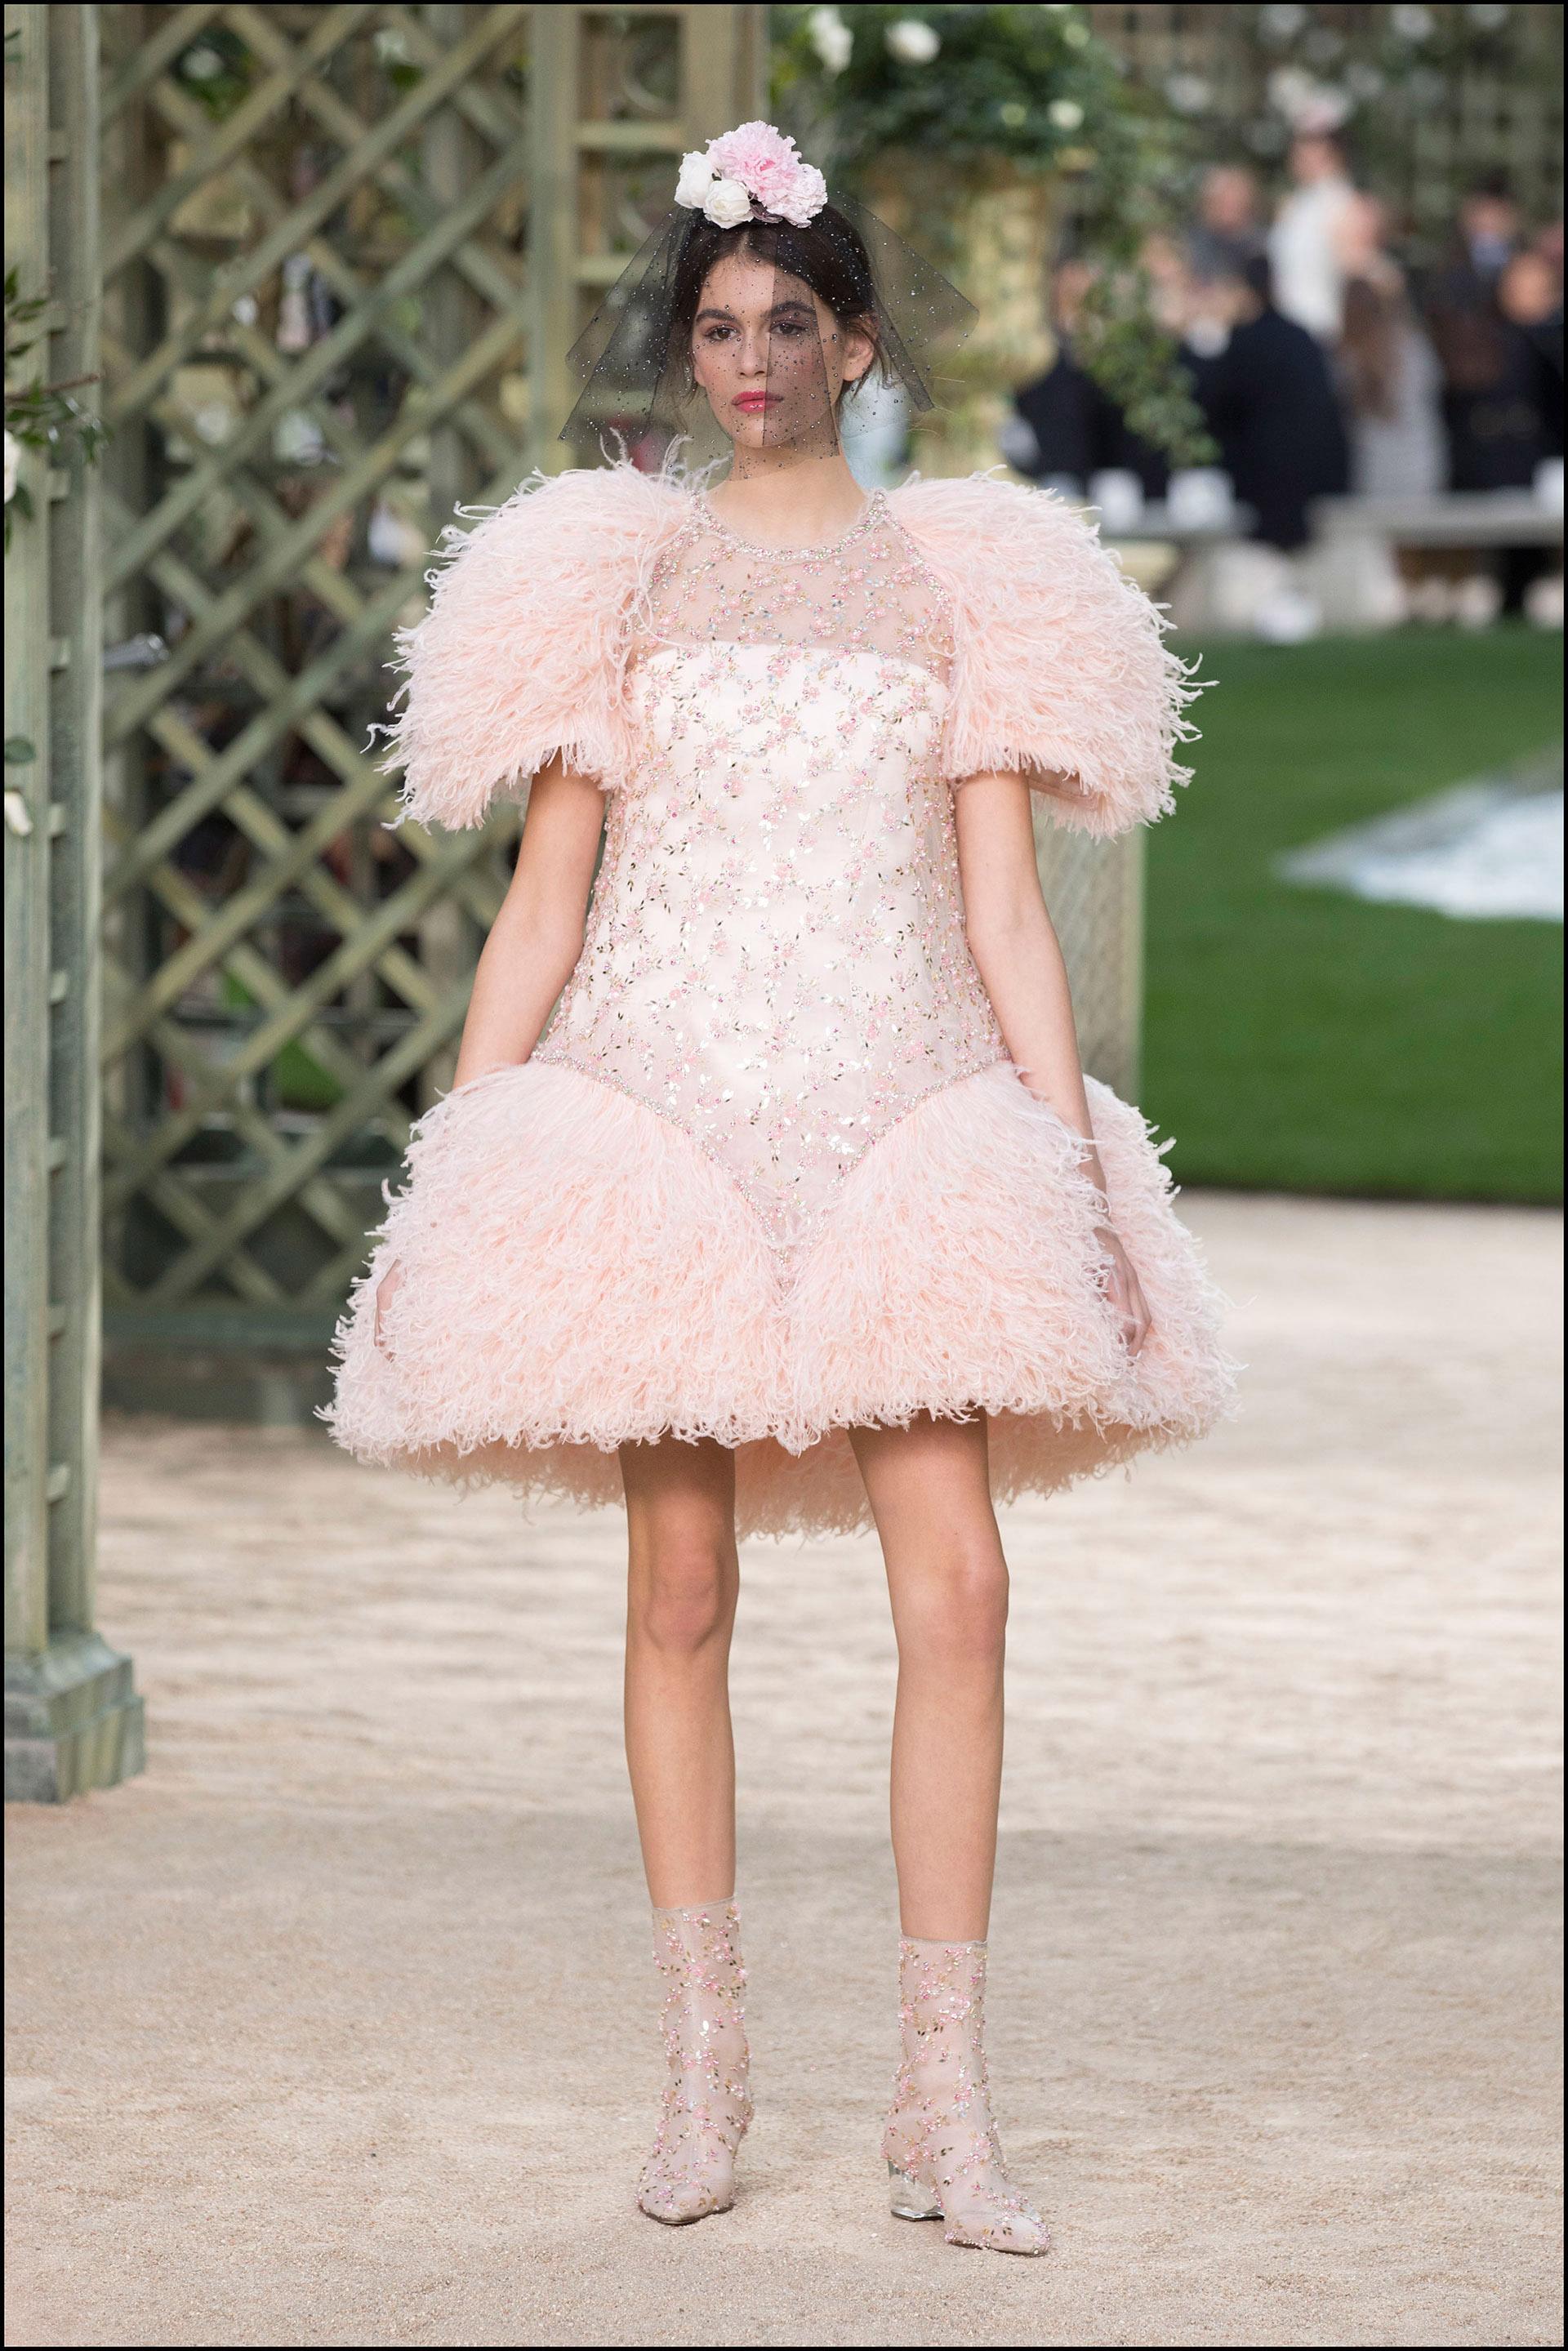 Kaia Gerber con un diseño corto bordado con plumas, botas, y flores en el pelo.